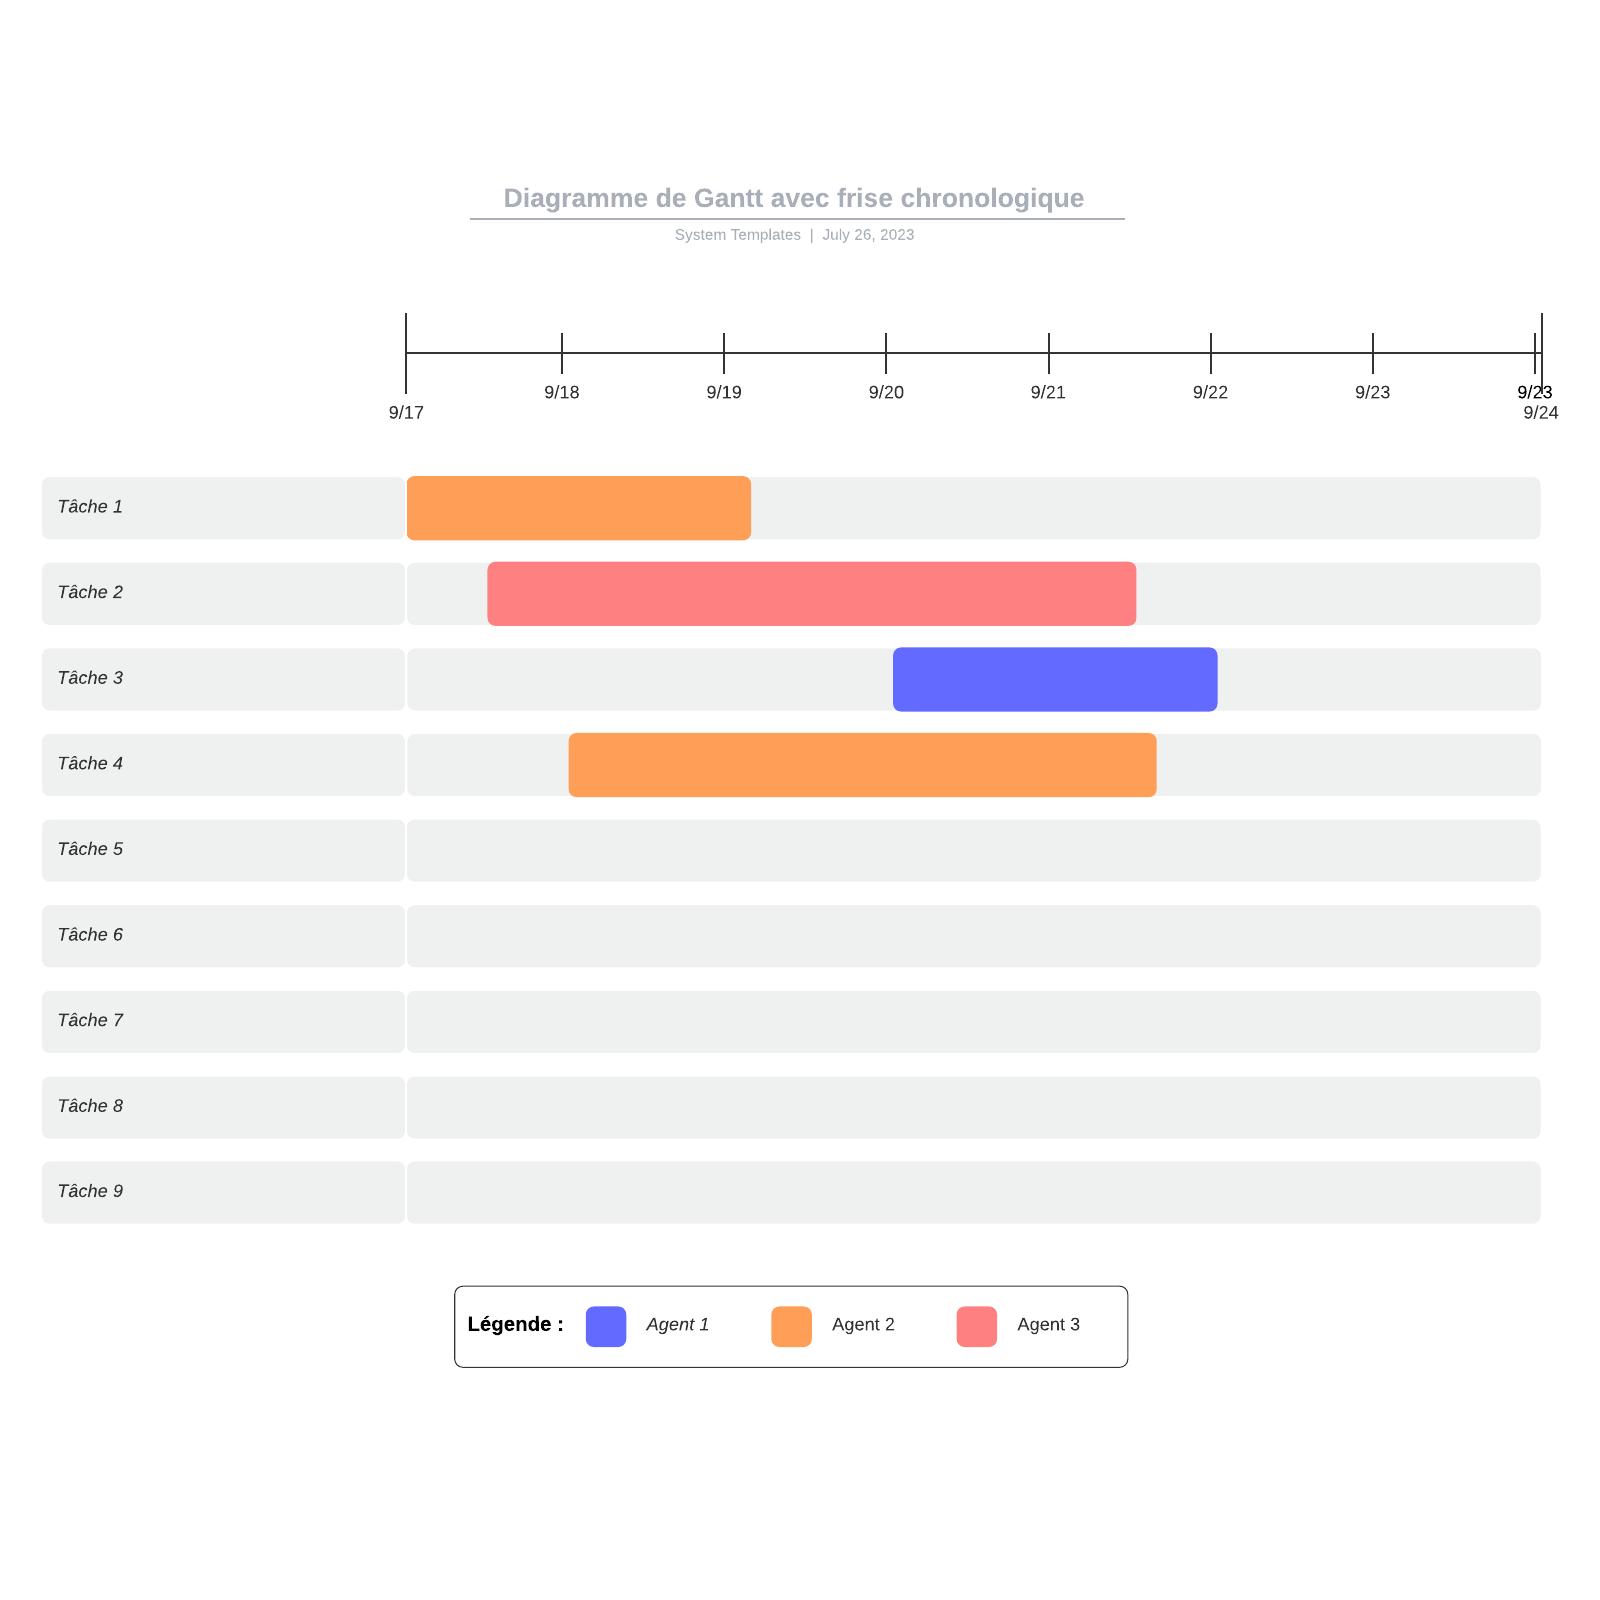 exemple de diagramme de Gantt avec frise chronologique vierge